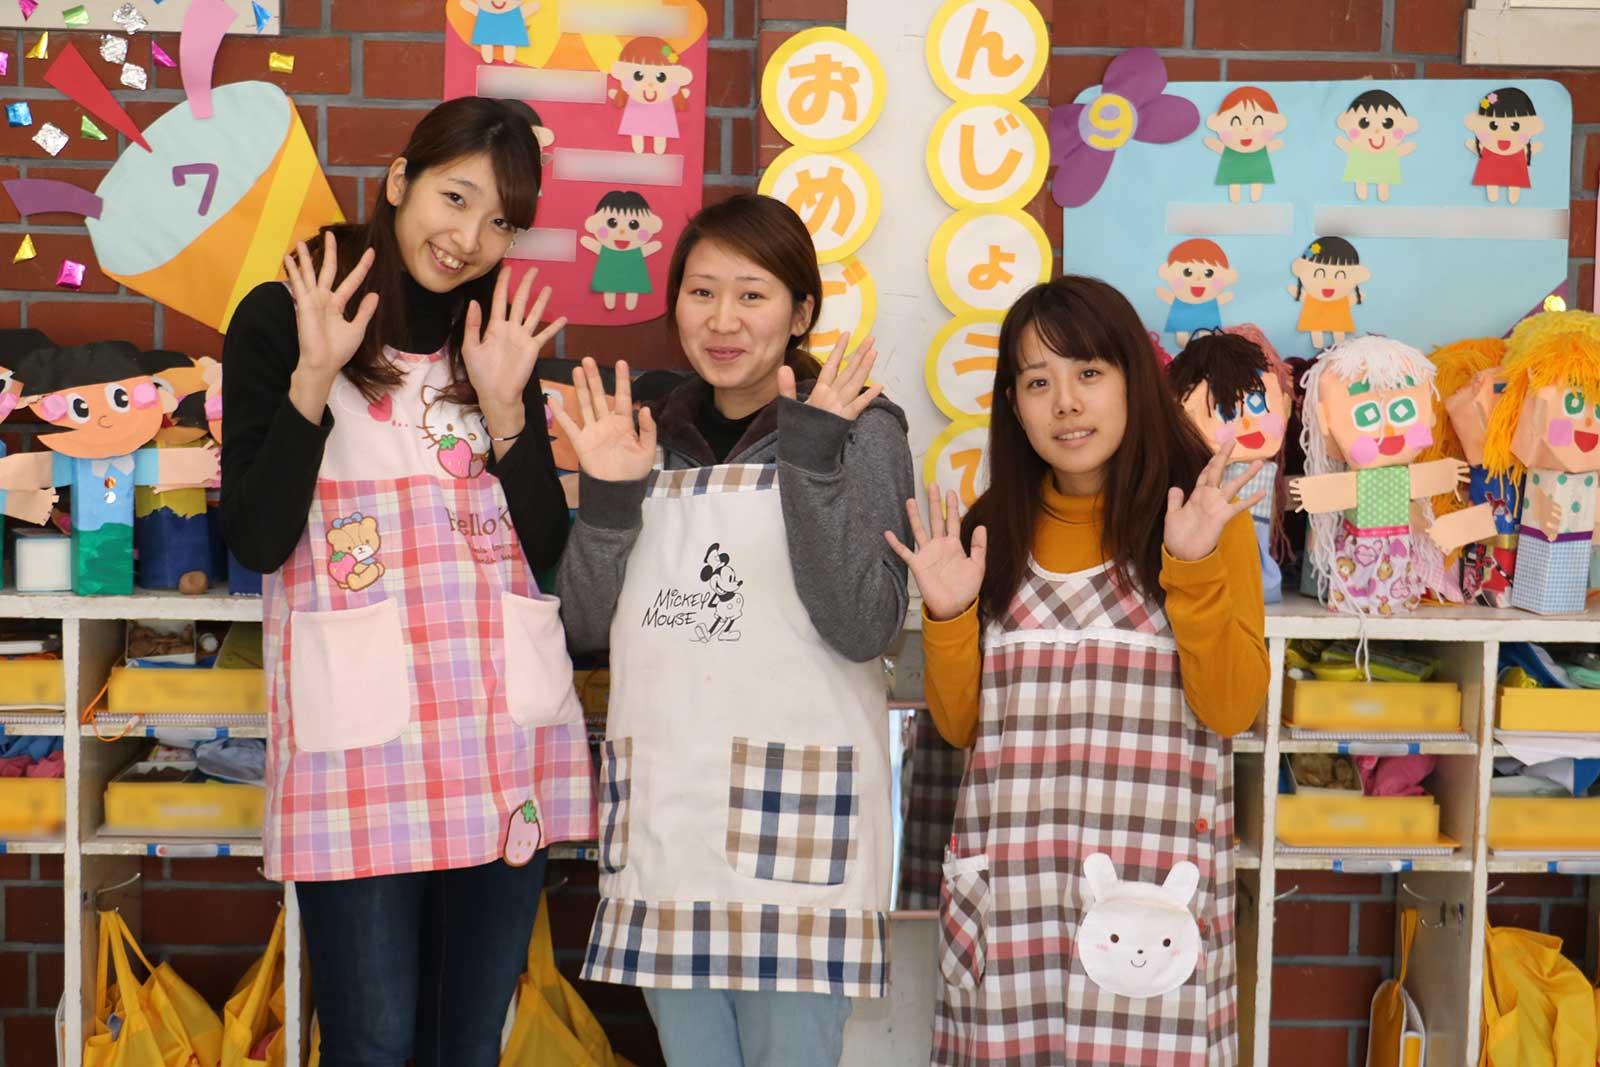 地元の保育園・幼稚園で活躍する卒業生たち 河内長野編(2)